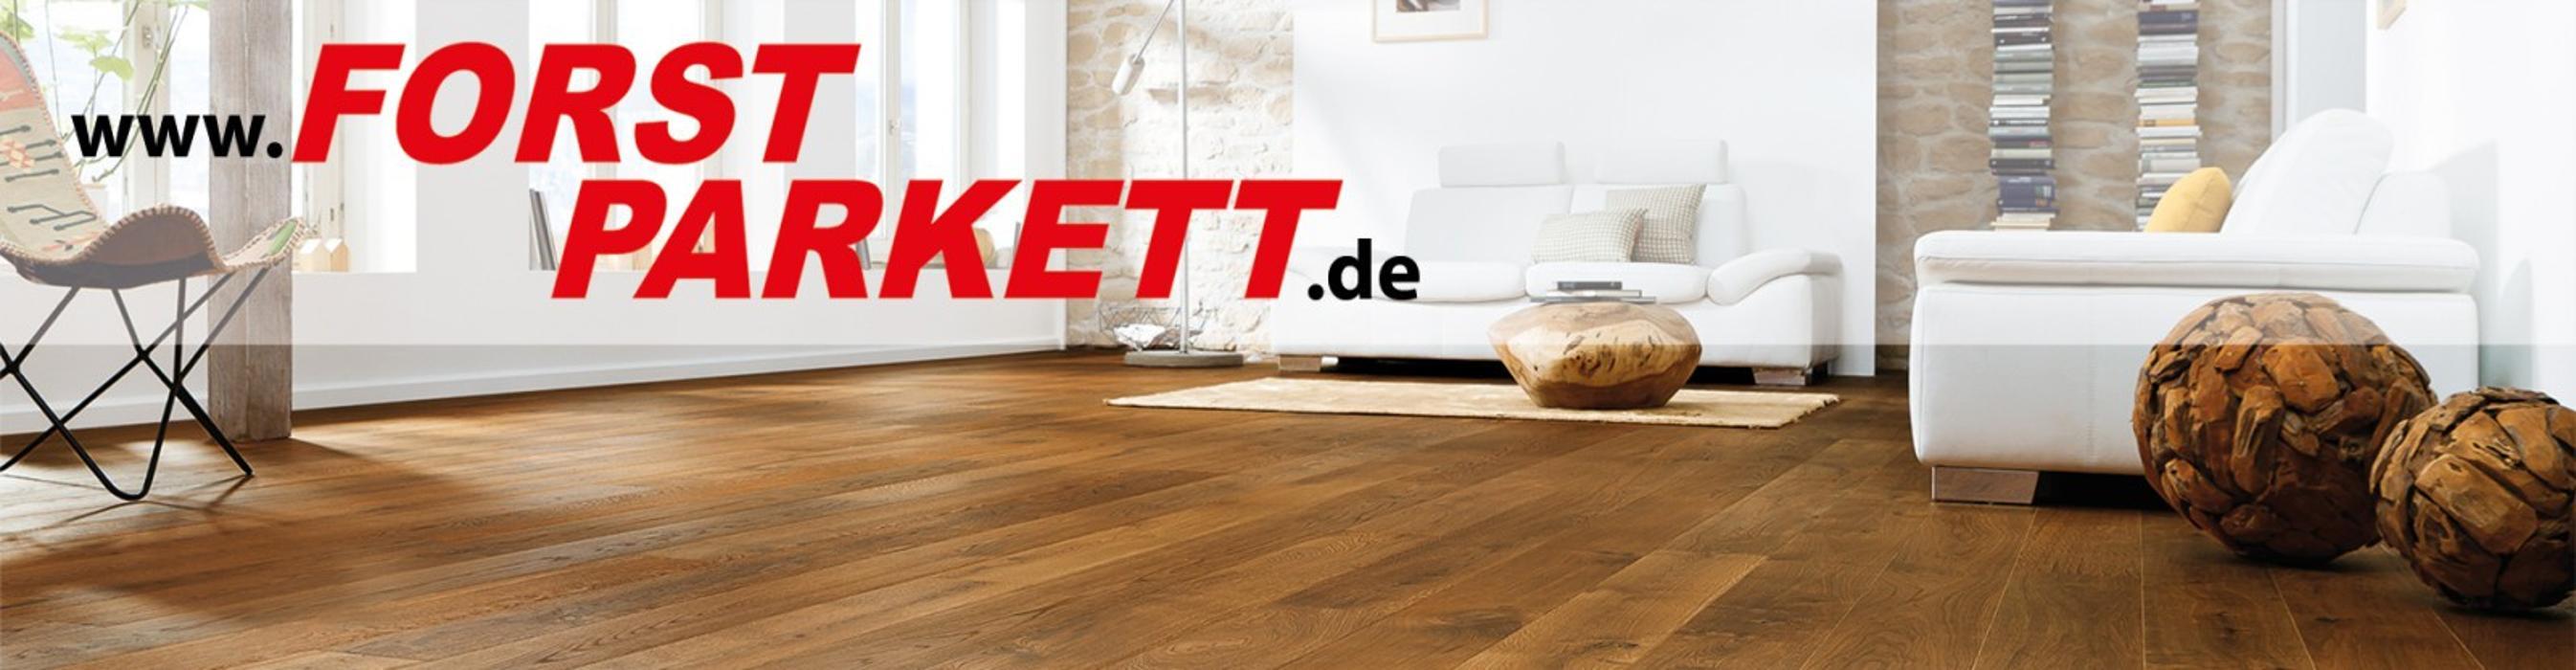 Forst Parkett GmbH in München